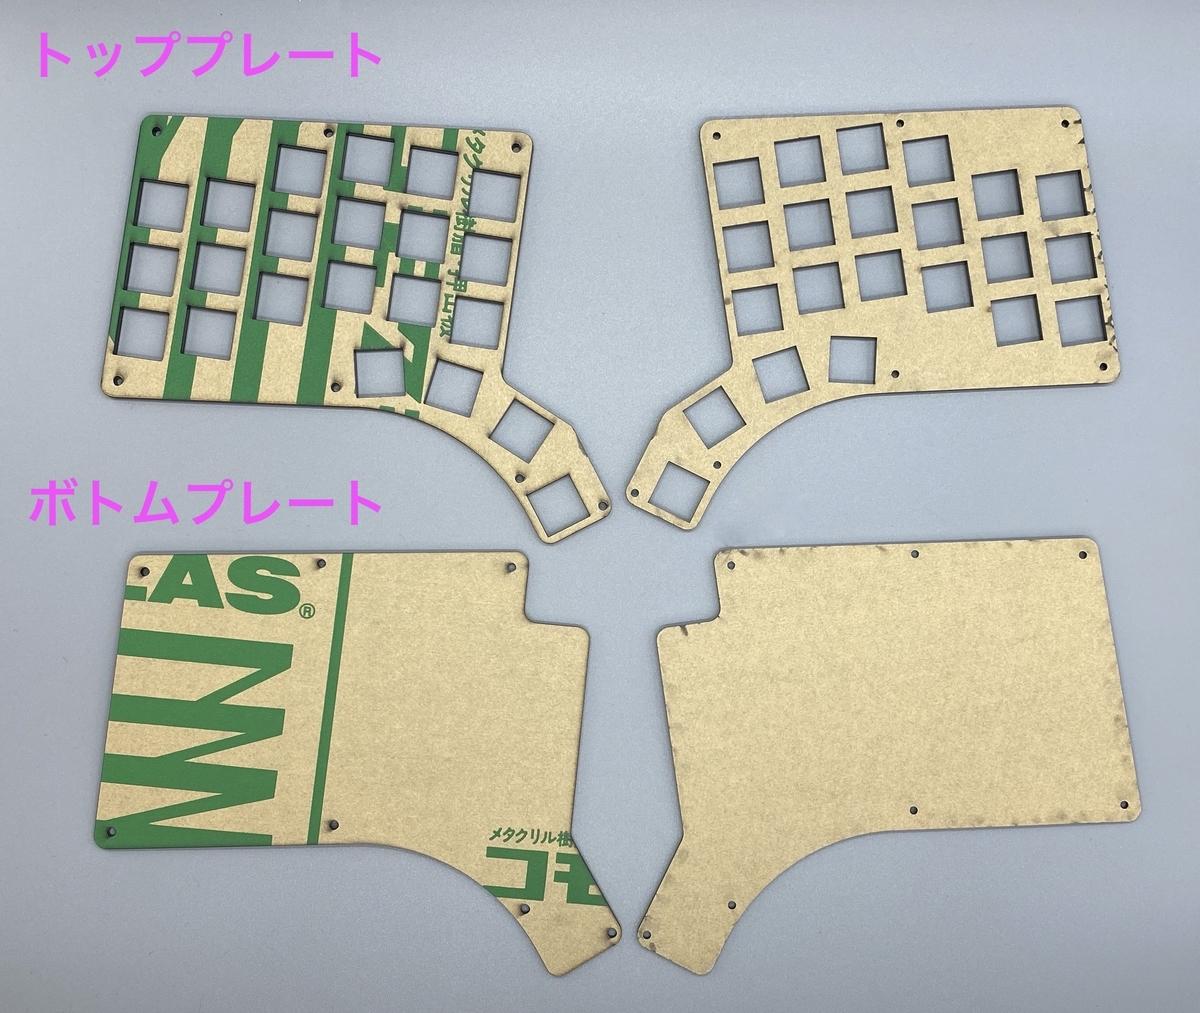 f:id:yfuku:20200320144950j:plain